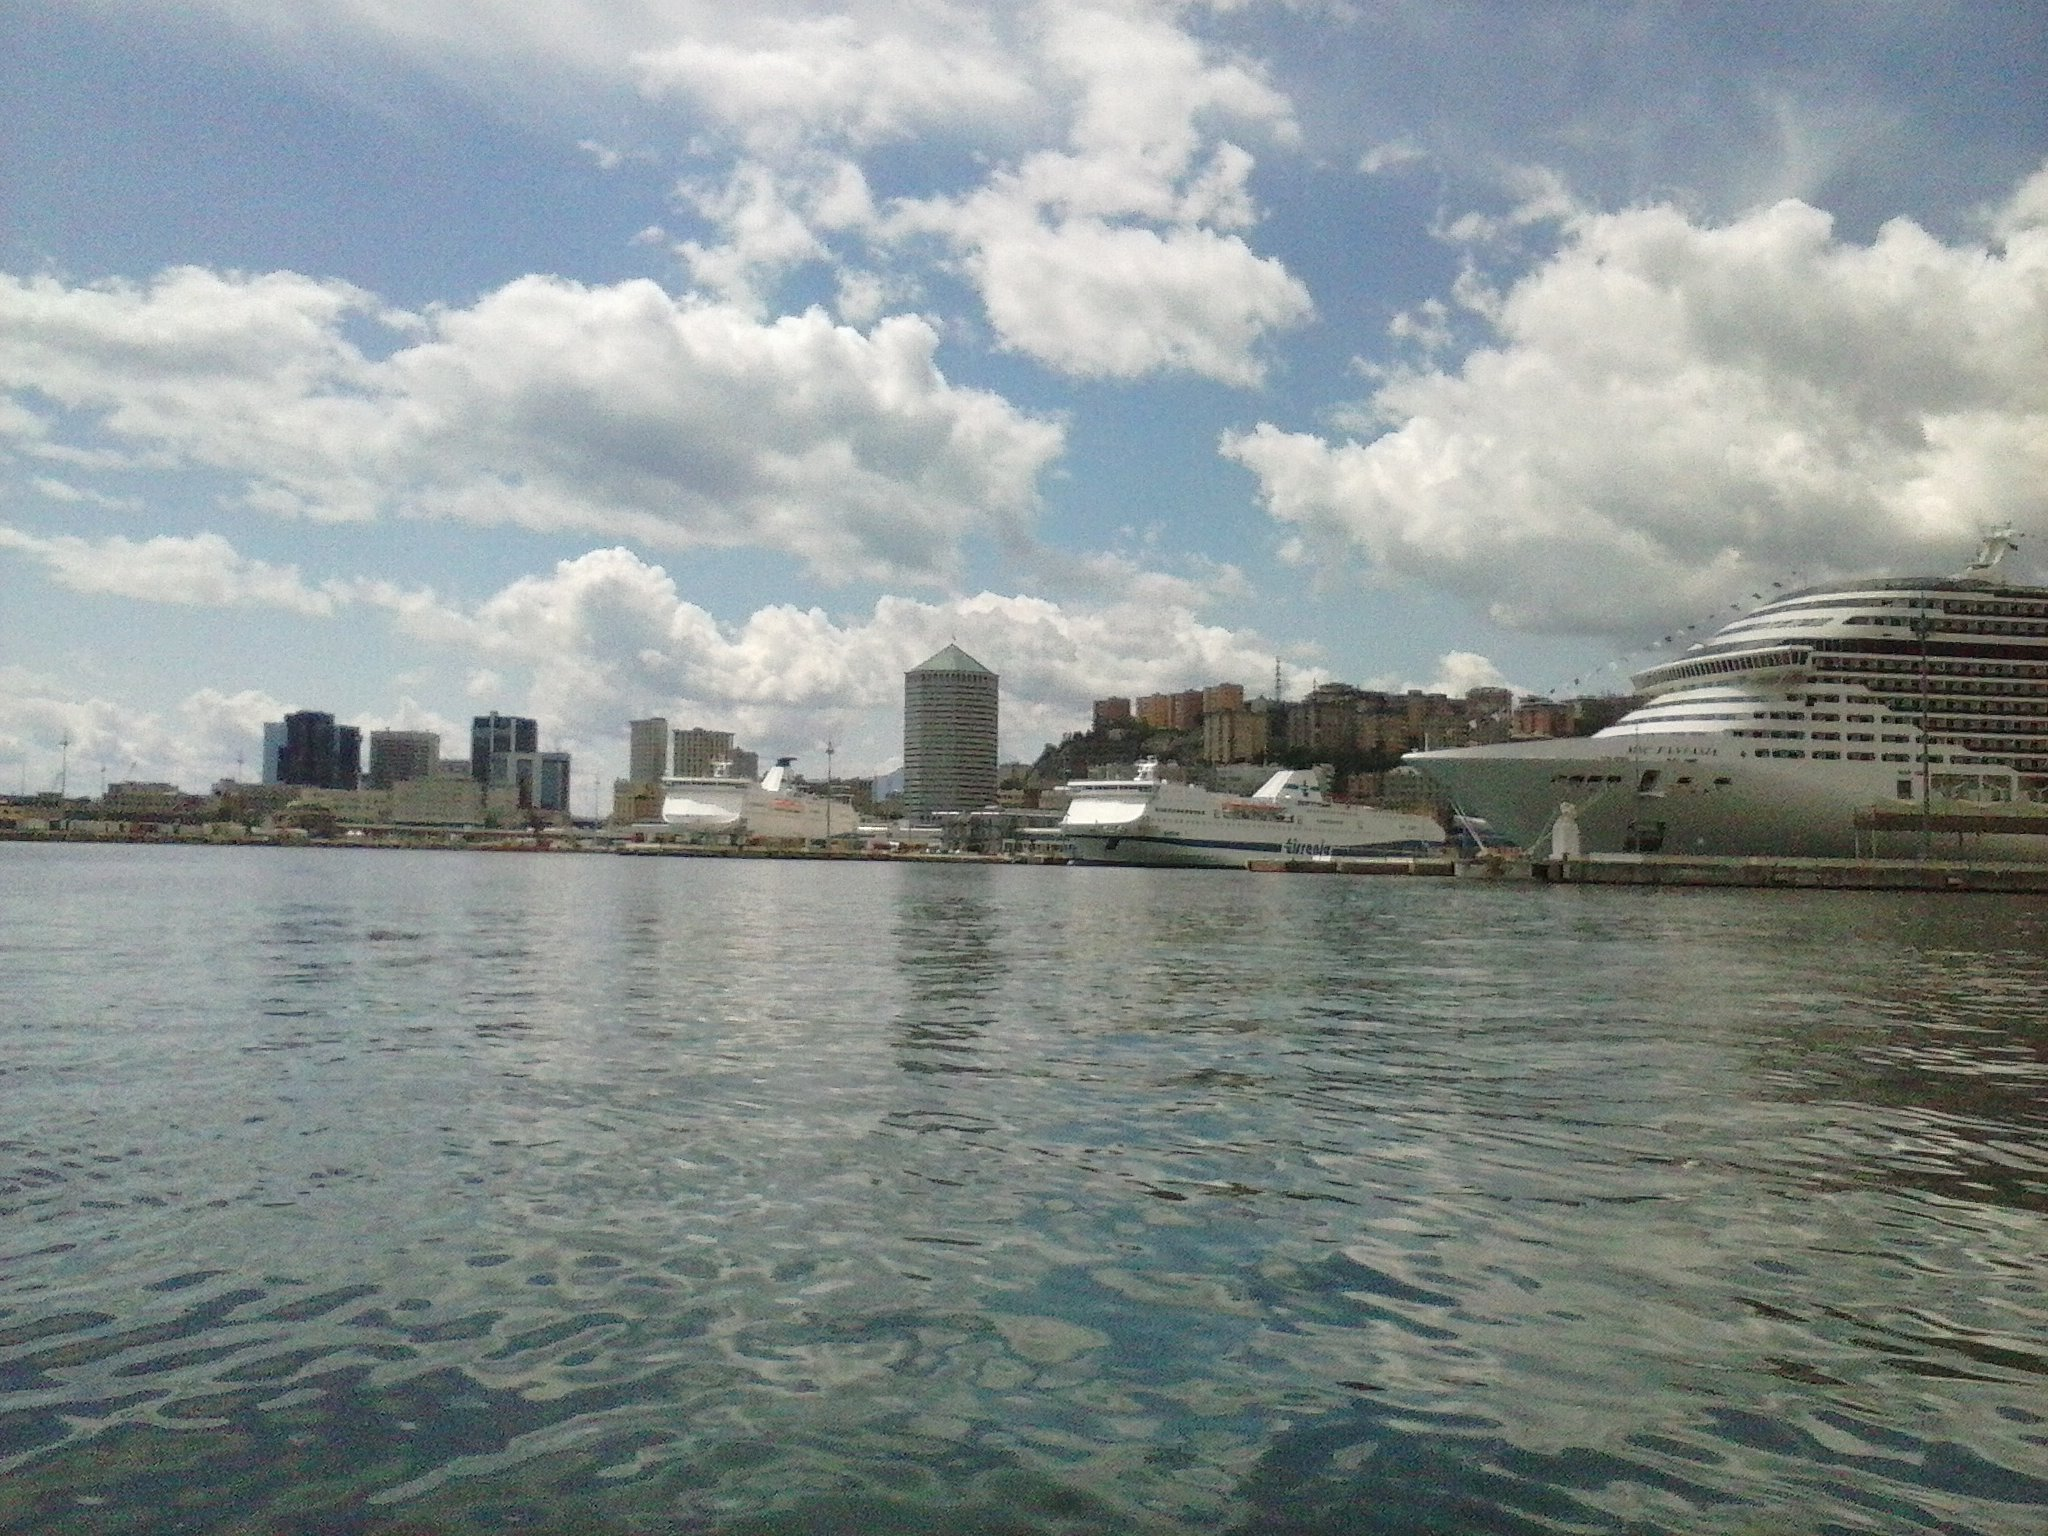 Vista Porto di Genova - 24-05-2015-08